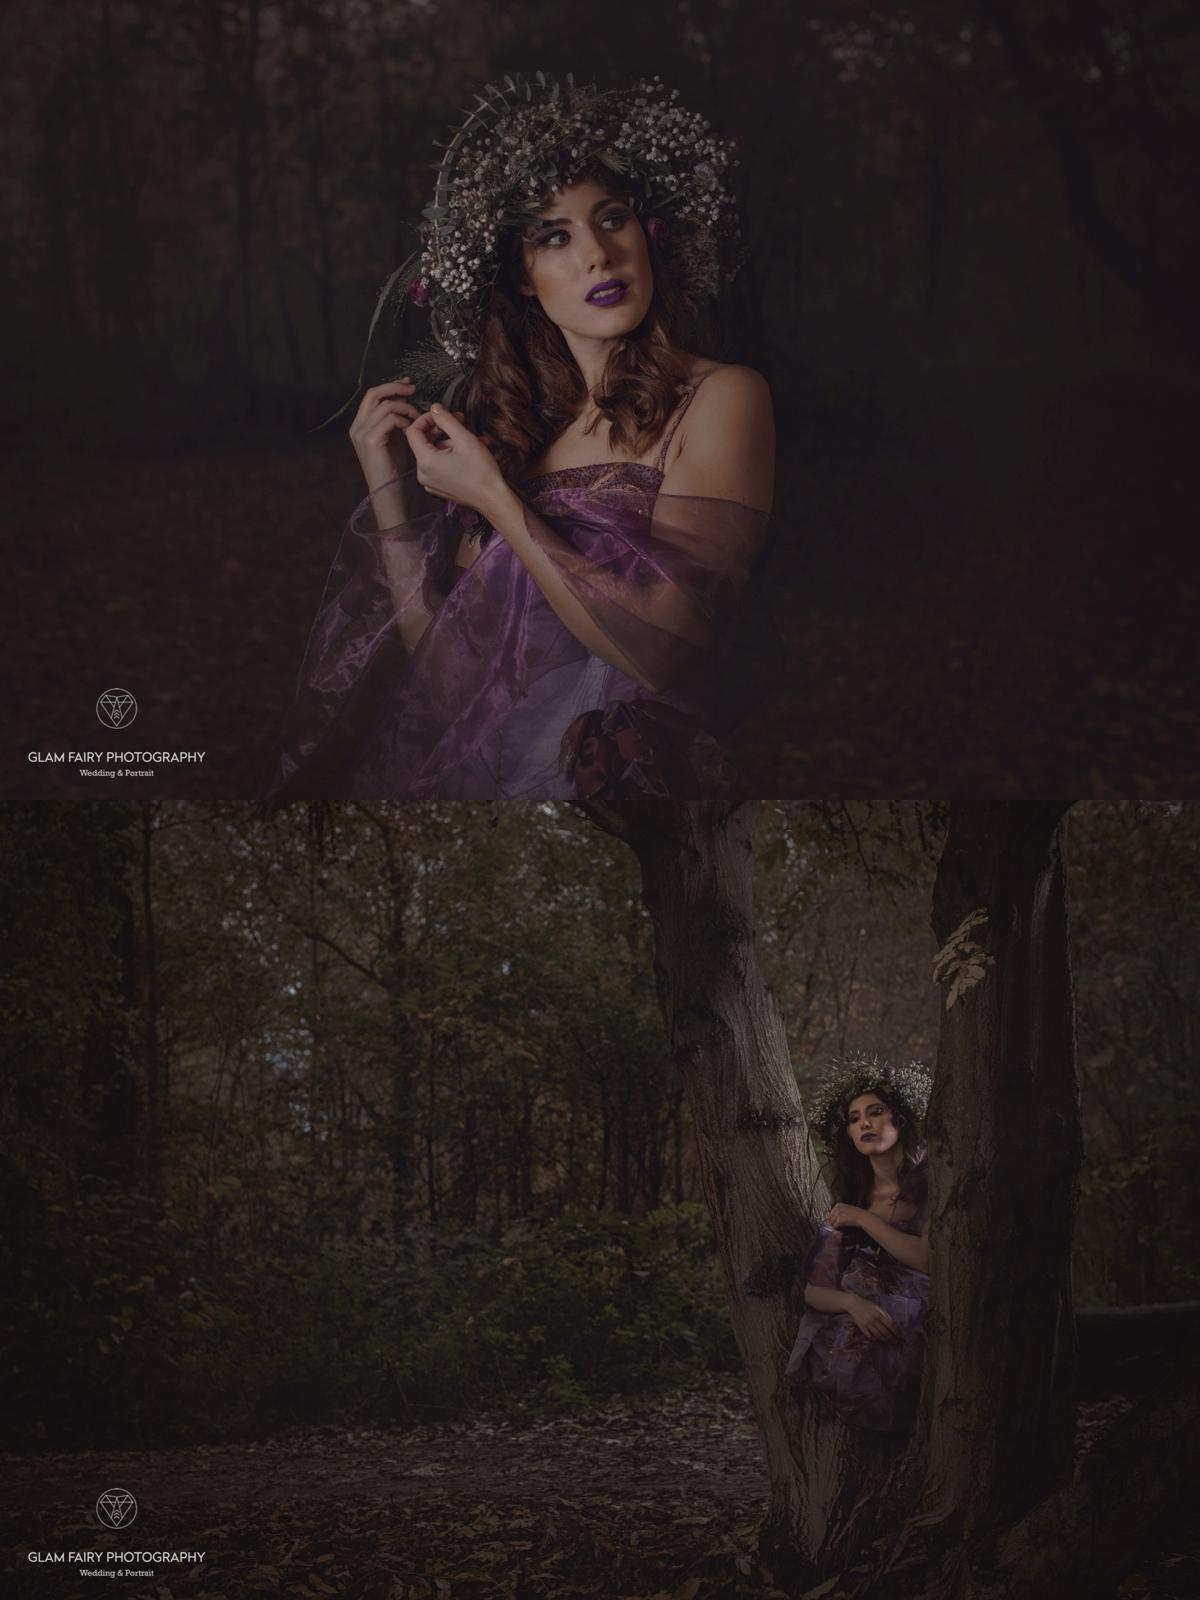 glamfairyphotography-seance-portrait-creatif-madeleine_0019